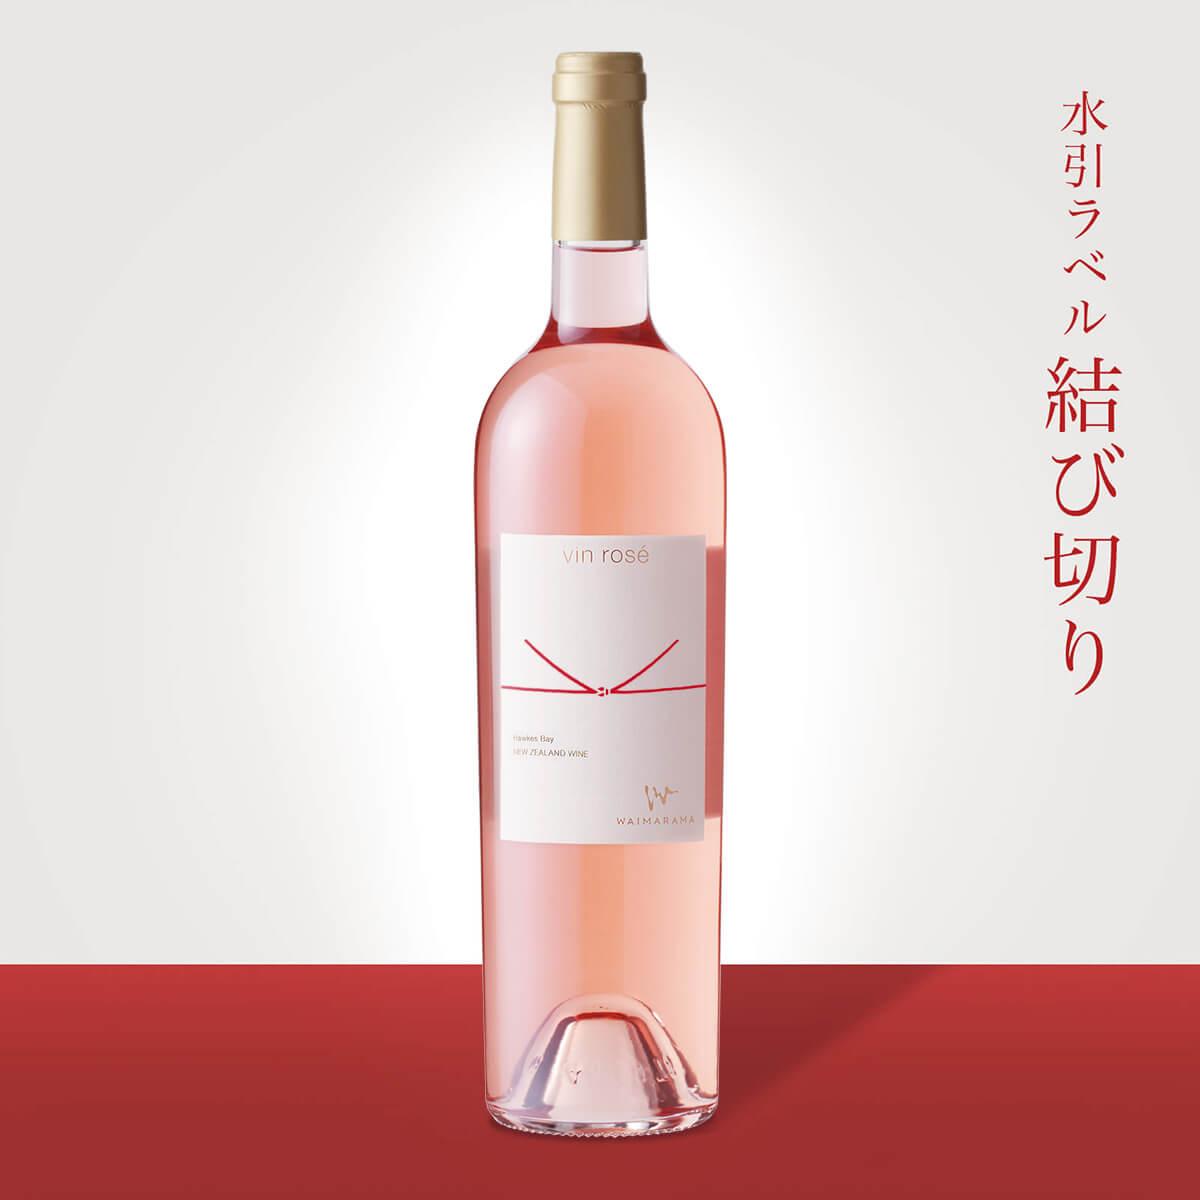 画像1: vin rose 2020 750ml【結び切り】 (1)